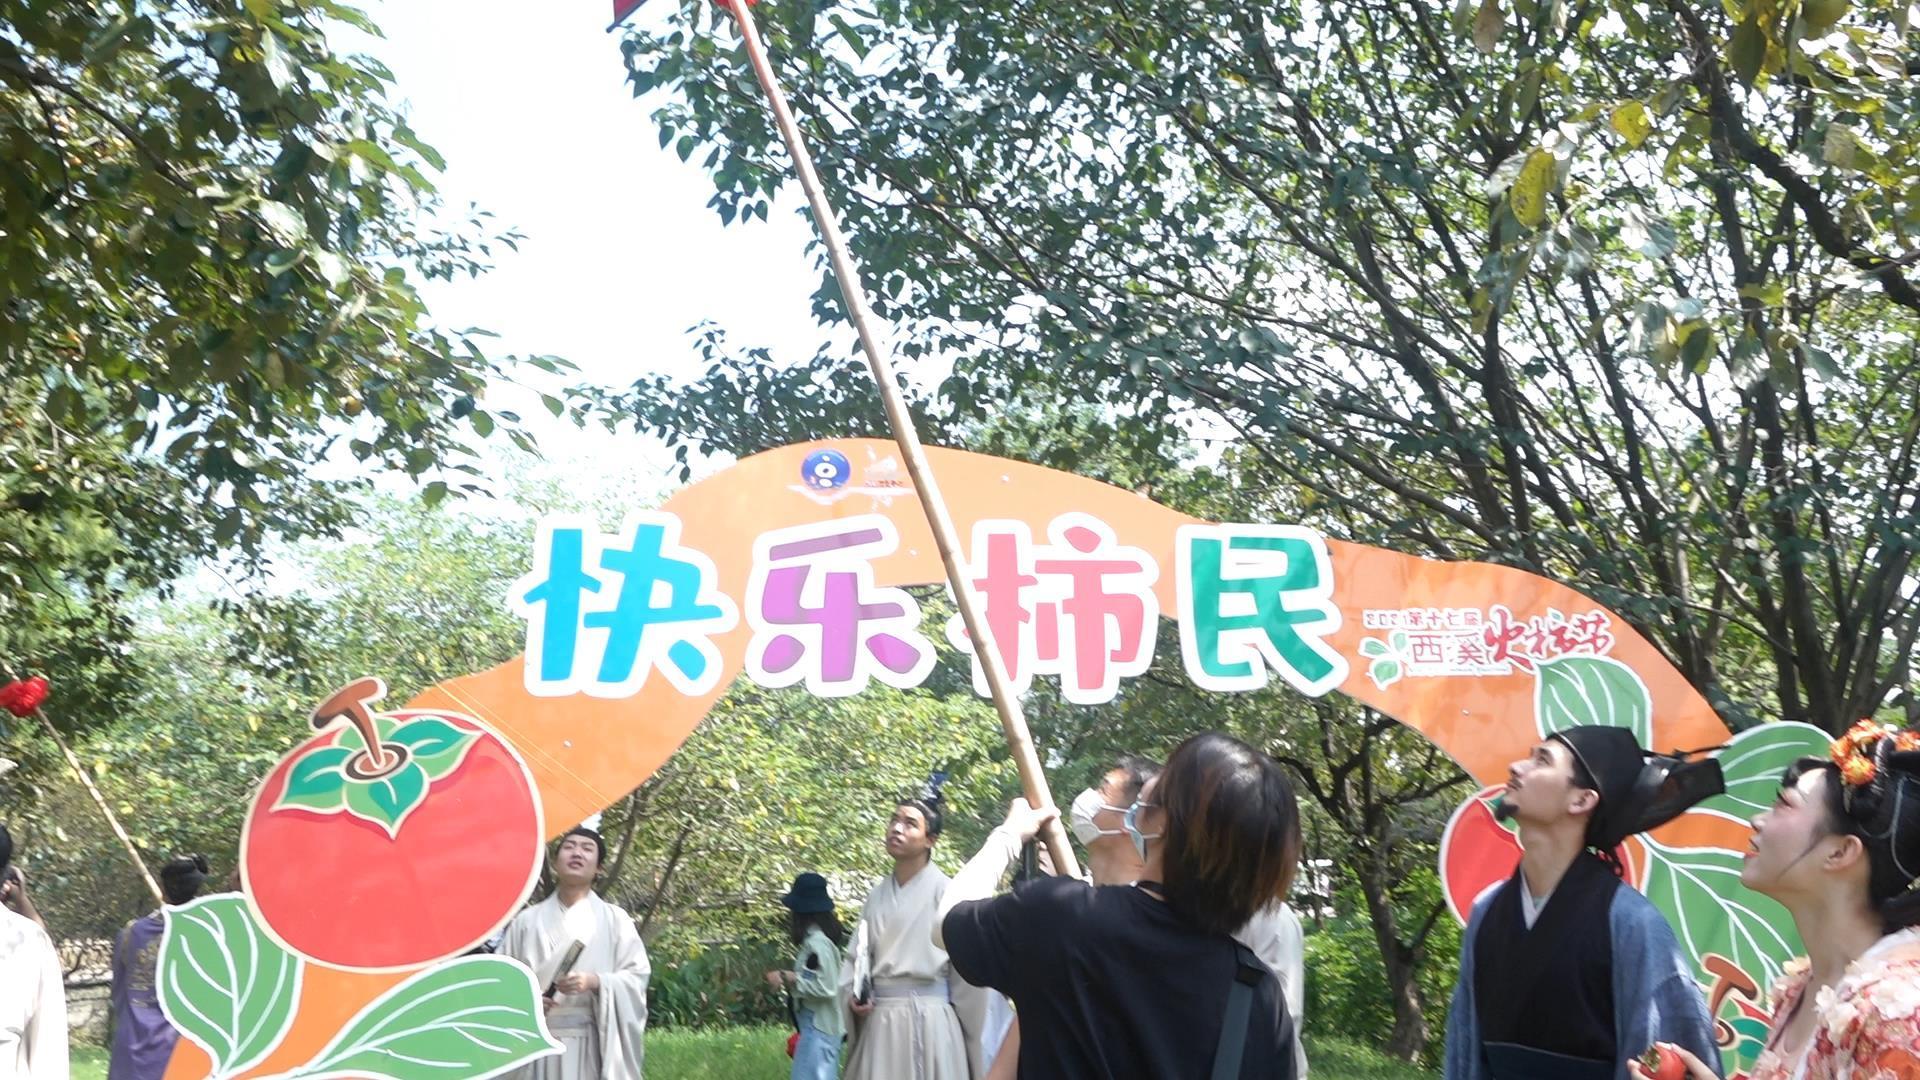 游客们在采摘柿子 尚天宇 摄